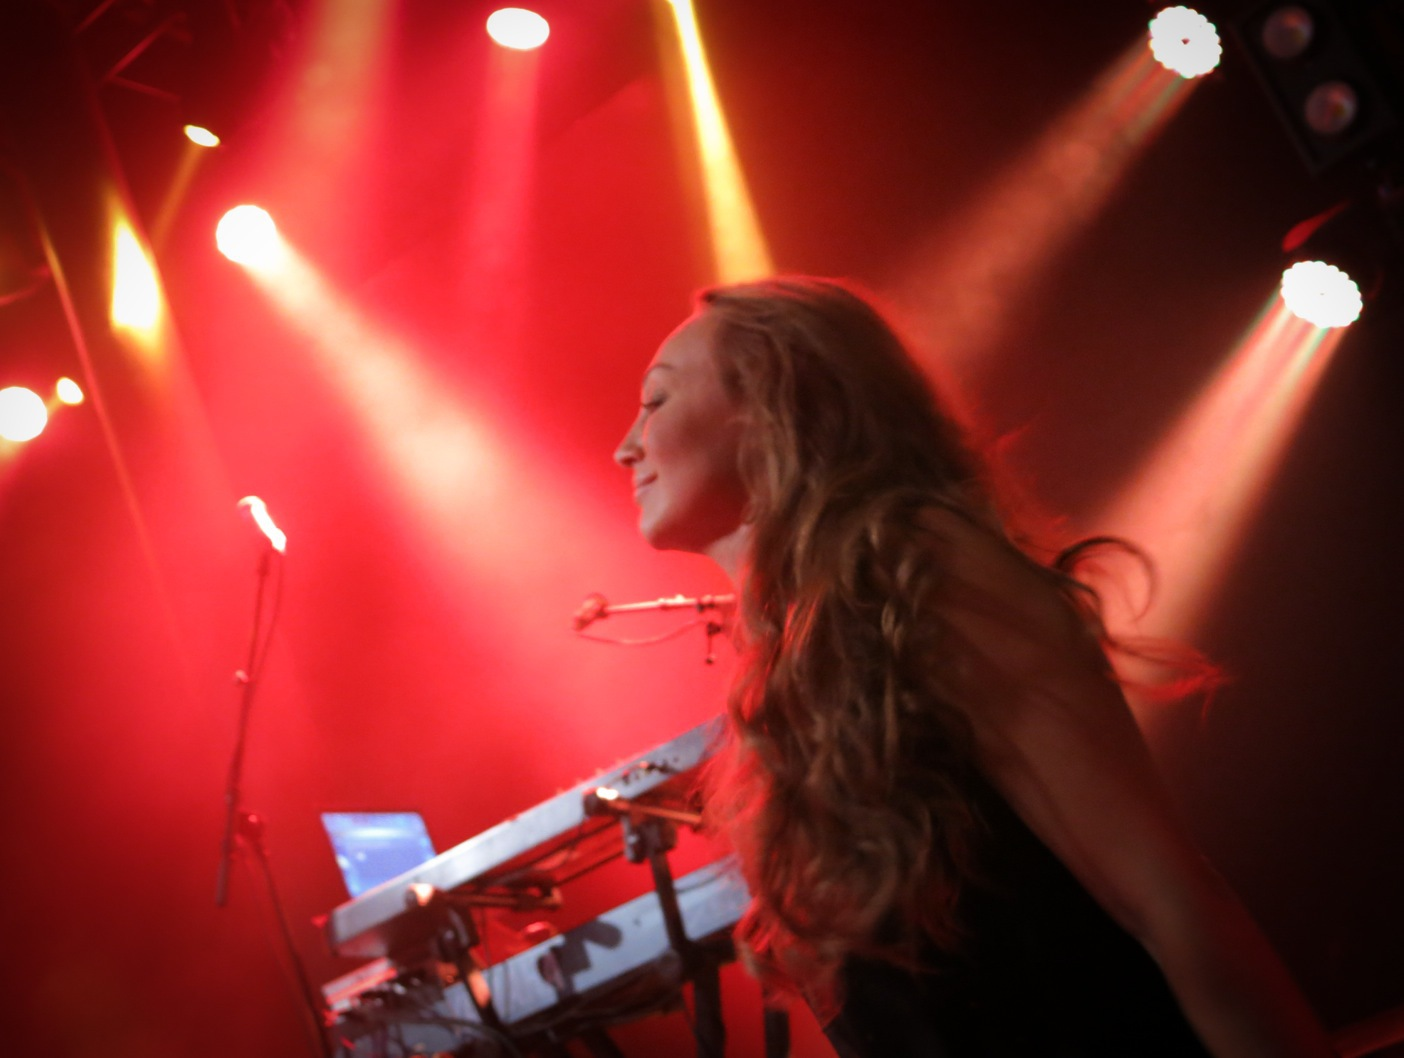 På kvällen rockade Charlotte Perrelli loss så att rastaflätorna höll på att lossna på sällskapet som stod framme vid scenen.  Foto: Agneta Elmegård